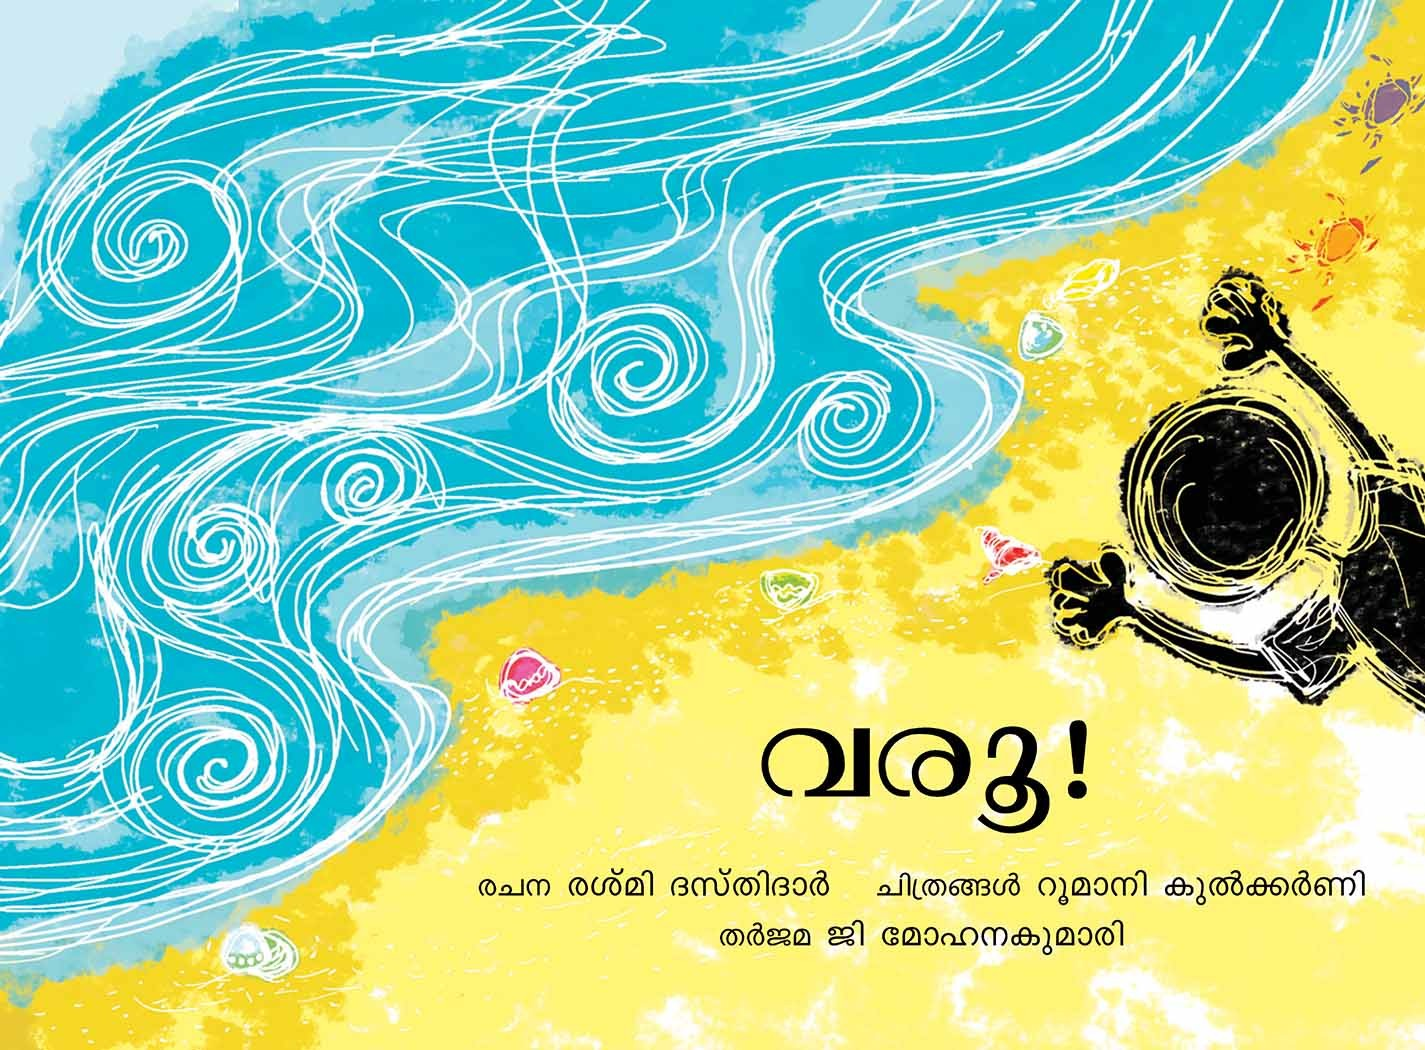 Come!/Varu! (Malayalam)